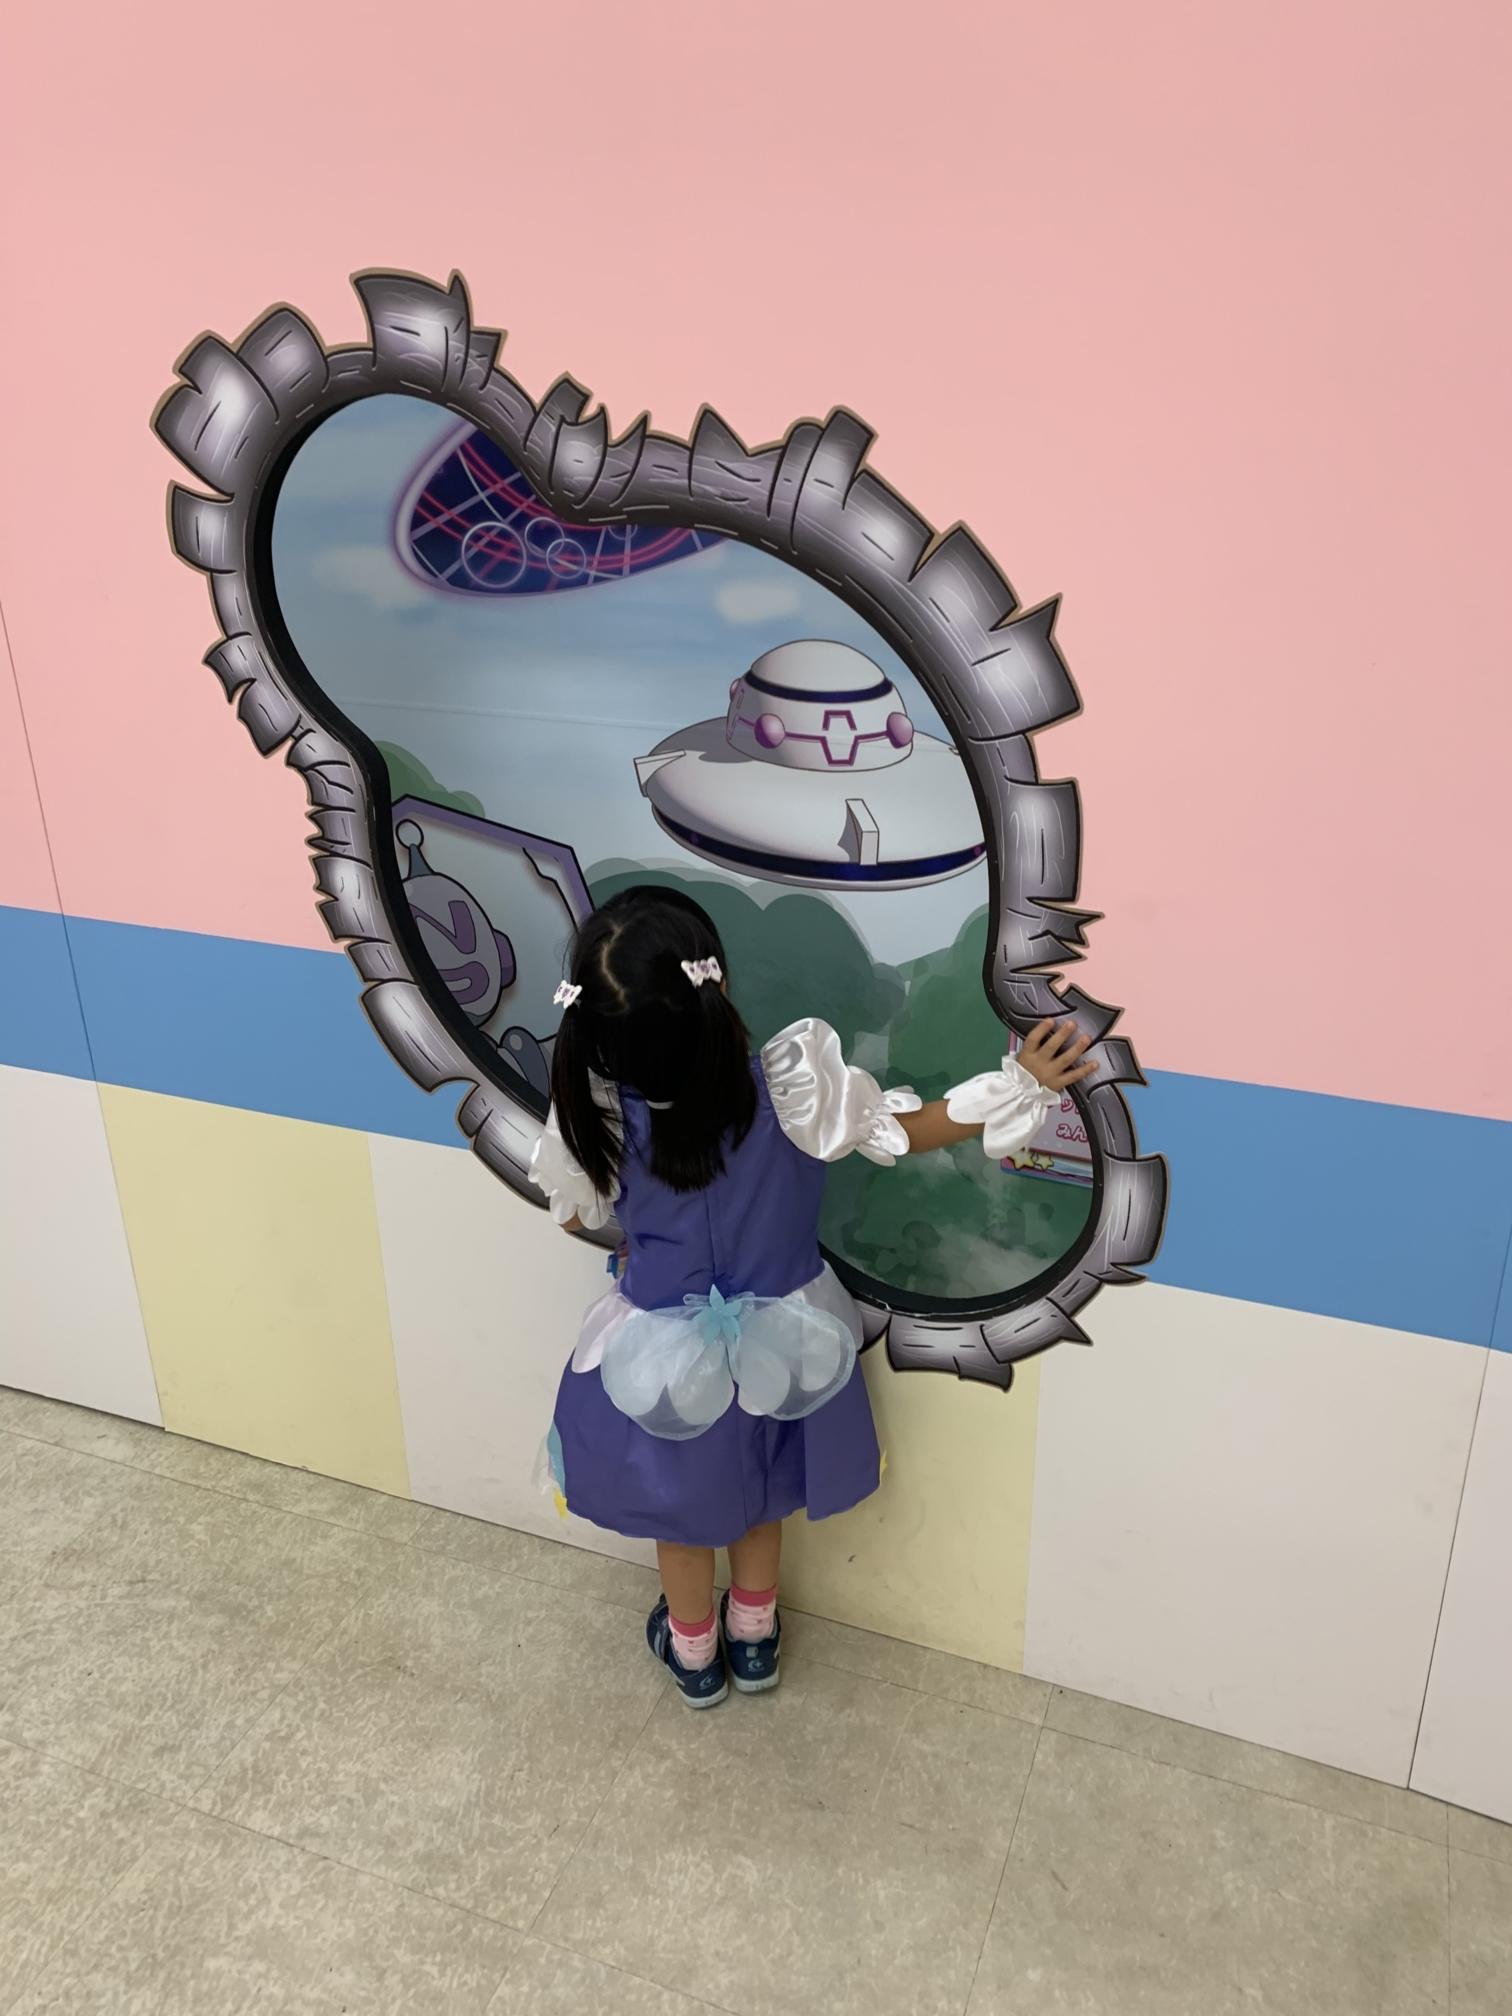 スター☆トゥインクルプリキュア おほしSUMMERバケーション謎の穴